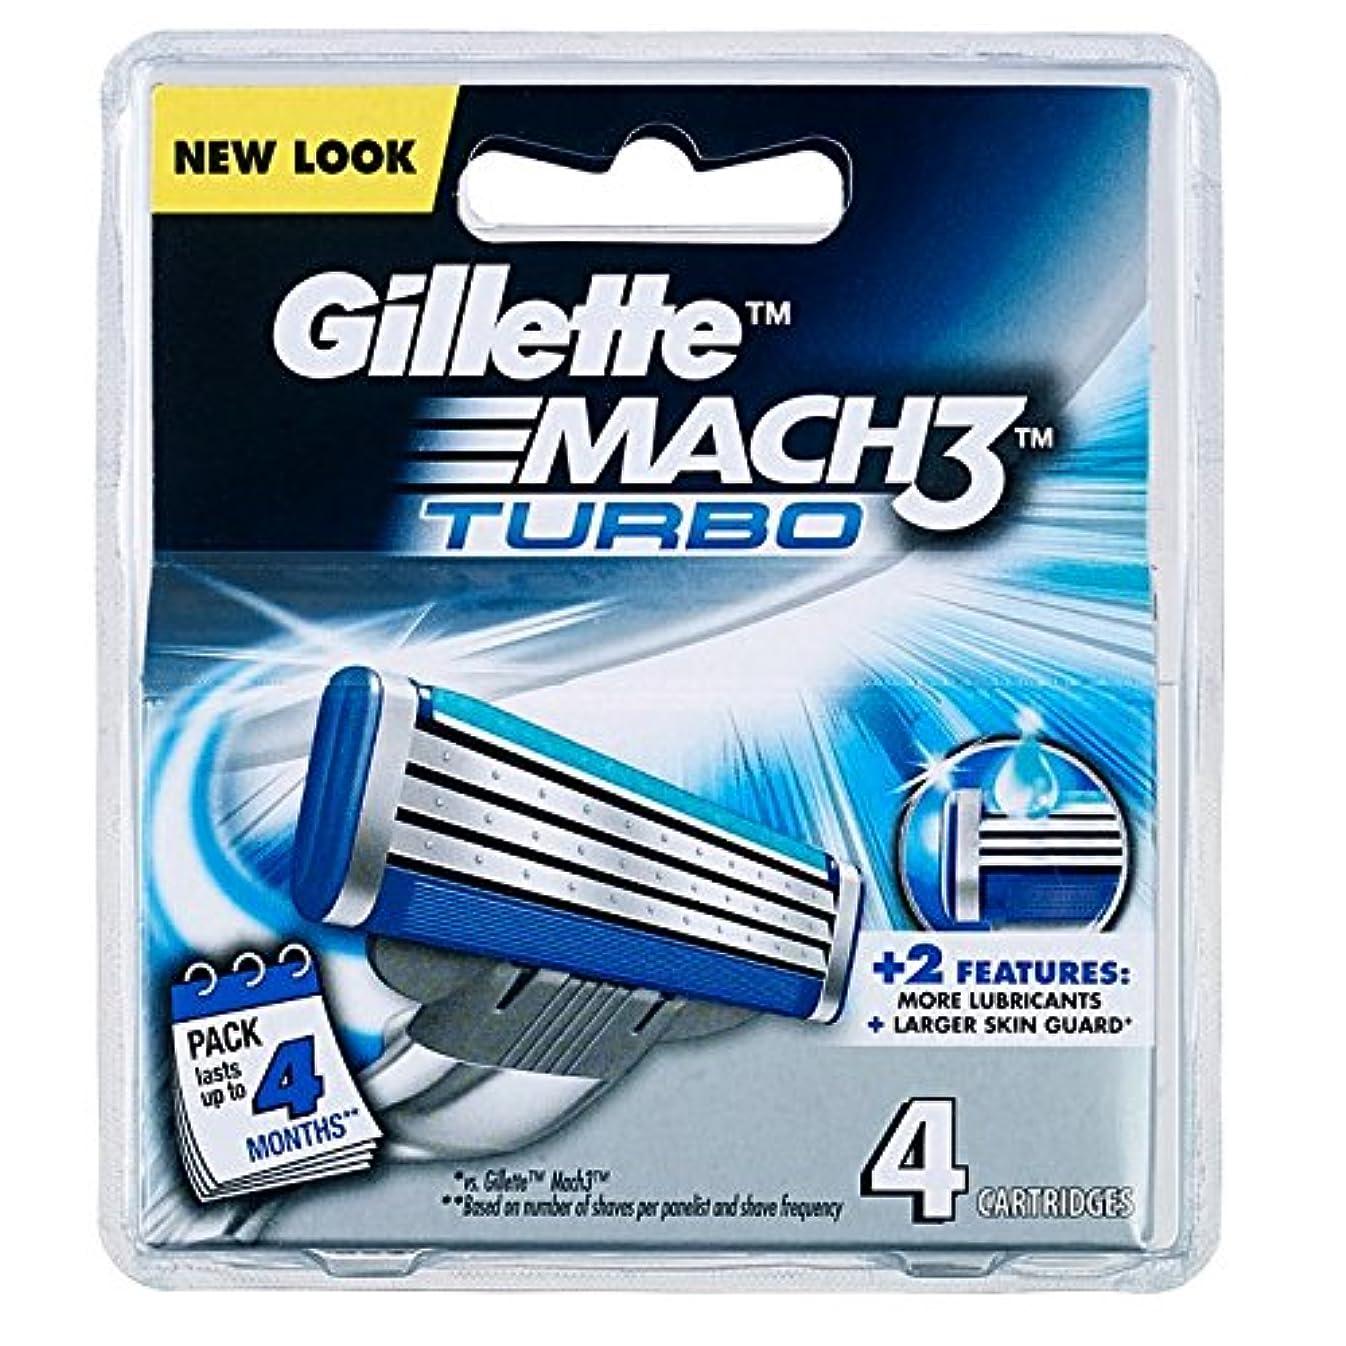 画像合金寂しいGillette MACH3 Turbo SHAVING RAZOR CARTRIDGES BLADES 4 Pack [並行輸入品]